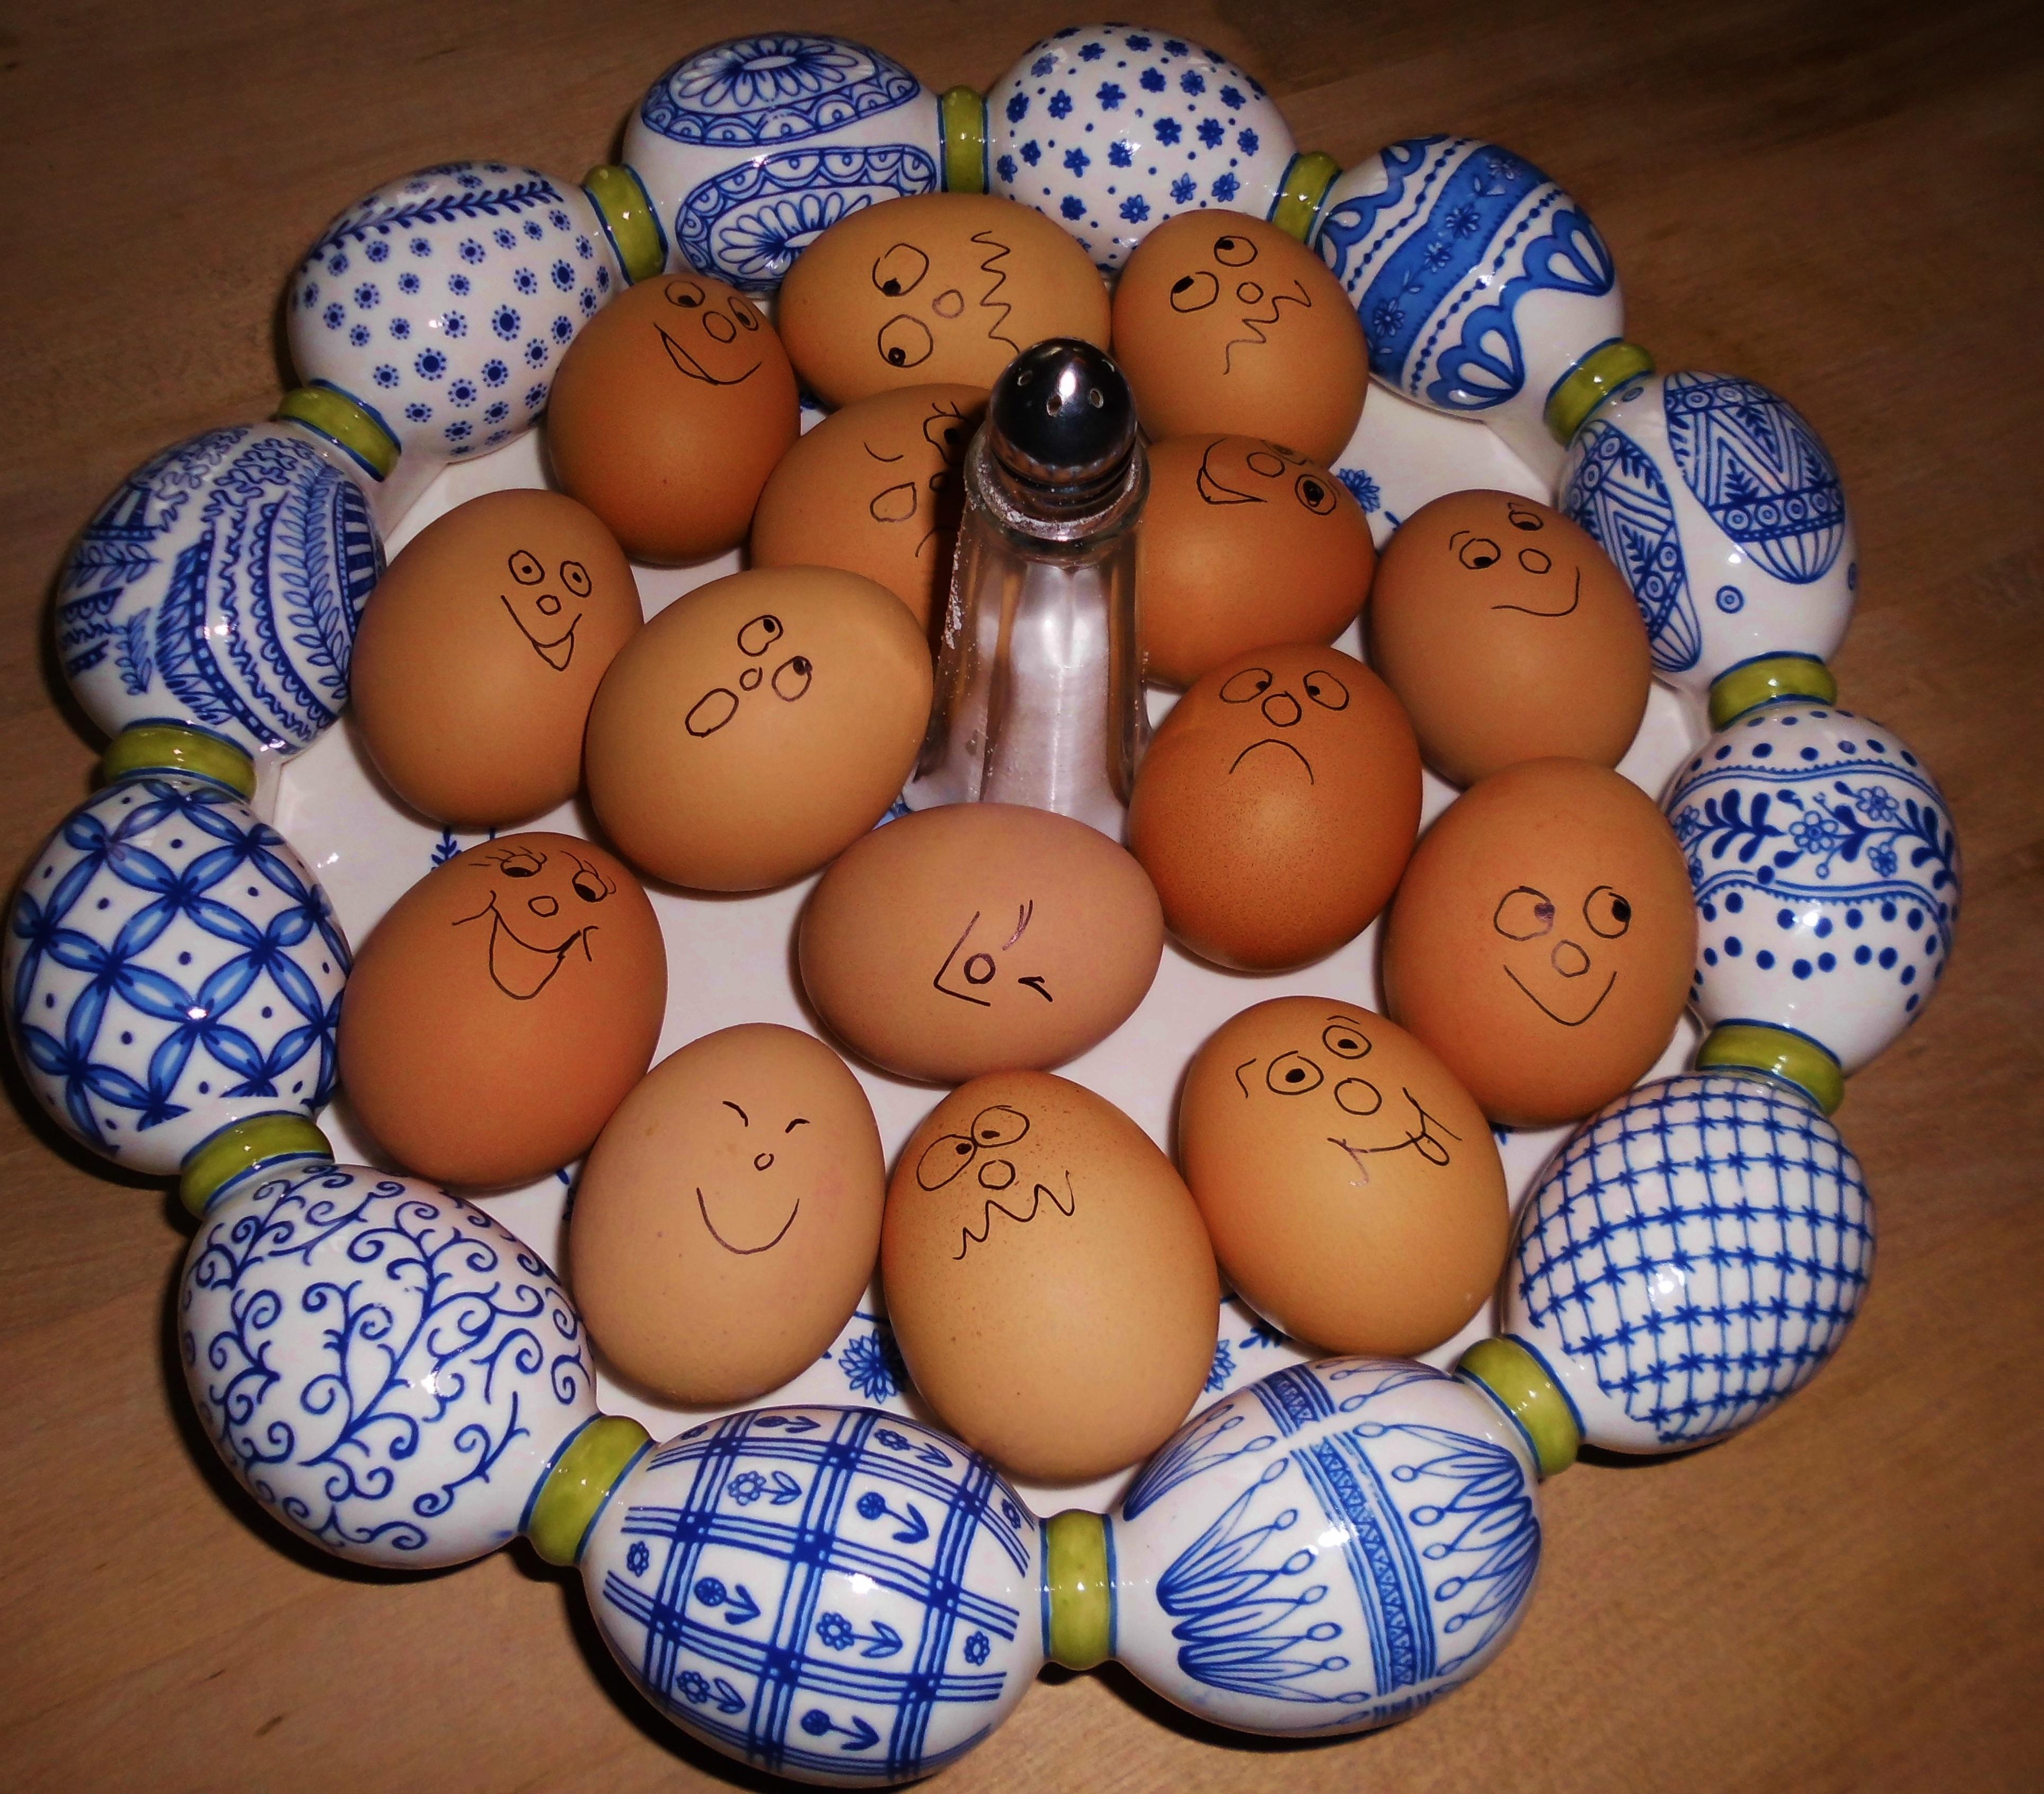 Пасха смешные картинки про яйца, самые